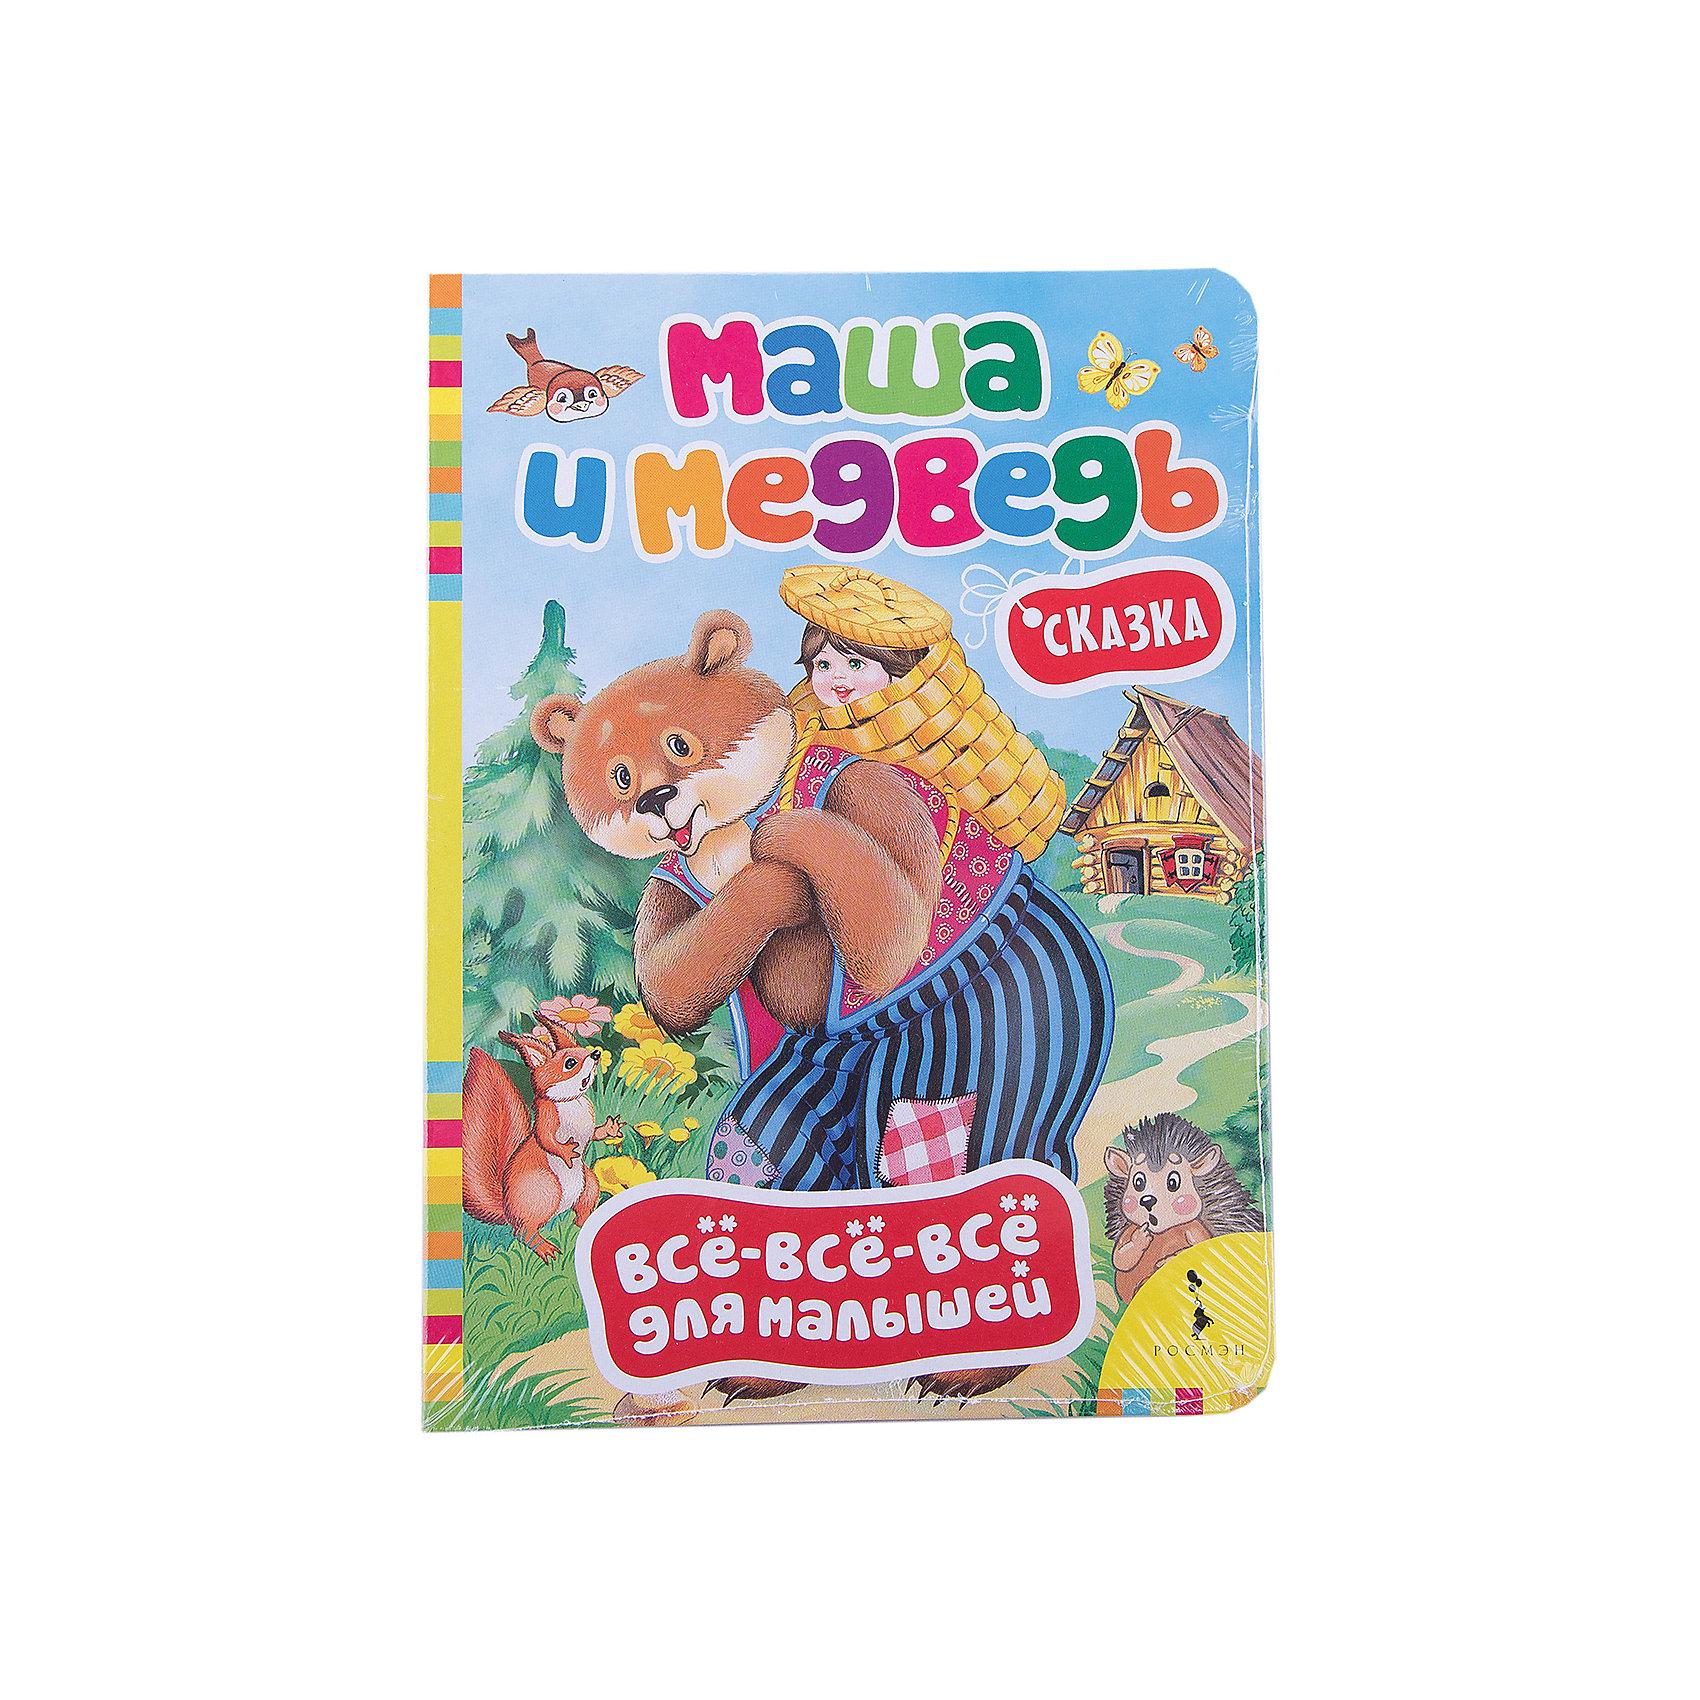 Маша и медведь, Все-все-все для малышейХарактеристики товара:<br><br>- цвет: разноцветный;<br>- материал: бумага;<br>- страниц: 8;<br>- формат: 22 х 16 см;<br>- обложка: картон;<br>- цветные иллюстрации;<br>- содержание: детские сказки и стихи. <br><br>Эта полезная книга станет отличным подарком для родителей и ребенка. Она содержит в себе стихи и сказки, причем - самые добрые и близкие ребенку! <br>Чтение - отличный способ активизации мышления, оно помогает ребенку развивать зрительную память, концентрацию внимания и воображение. Издание произведено из качественных материалов, которые безопасны даже для самых маленьких.<br><br>Издание Маша и медведь, Все-все-все для малышей от компании Росмэн можно купить в нашем интернет-магазине.<br><br>Ширина мм: 220<br>Глубина мм: 160<br>Высота мм: 5<br>Вес г: 111<br>Возраст от месяцев: 0<br>Возраст до месяцев: 36<br>Пол: Унисекс<br>Возраст: Детский<br>SKU: 5110053